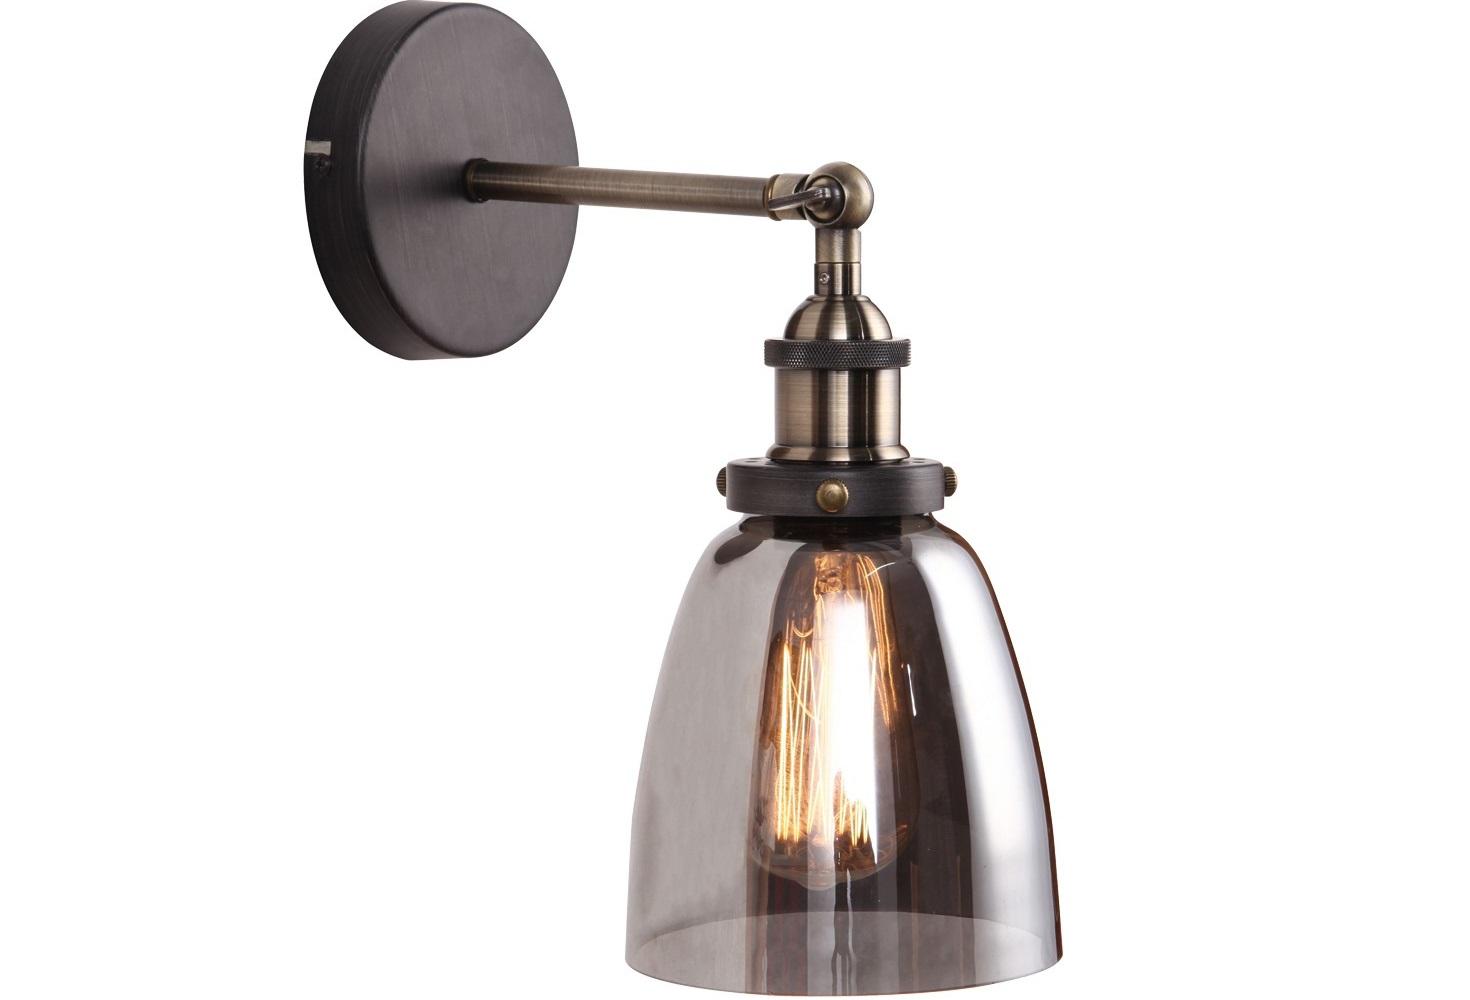 Подвесной светильникБра<br>&amp;lt;div&amp;gt;Вид цоколя: E27&amp;lt;/div&amp;gt;&amp;lt;div&amp;gt;Мощность: 40W&amp;lt;/div&amp;gt;&amp;lt;div&amp;gt;Количество ламп: 1&amp;lt;/div&amp;gt;<br><br>Material: Стекло<br>Width см: 15<br>Depth см: 24<br>Height см: 31